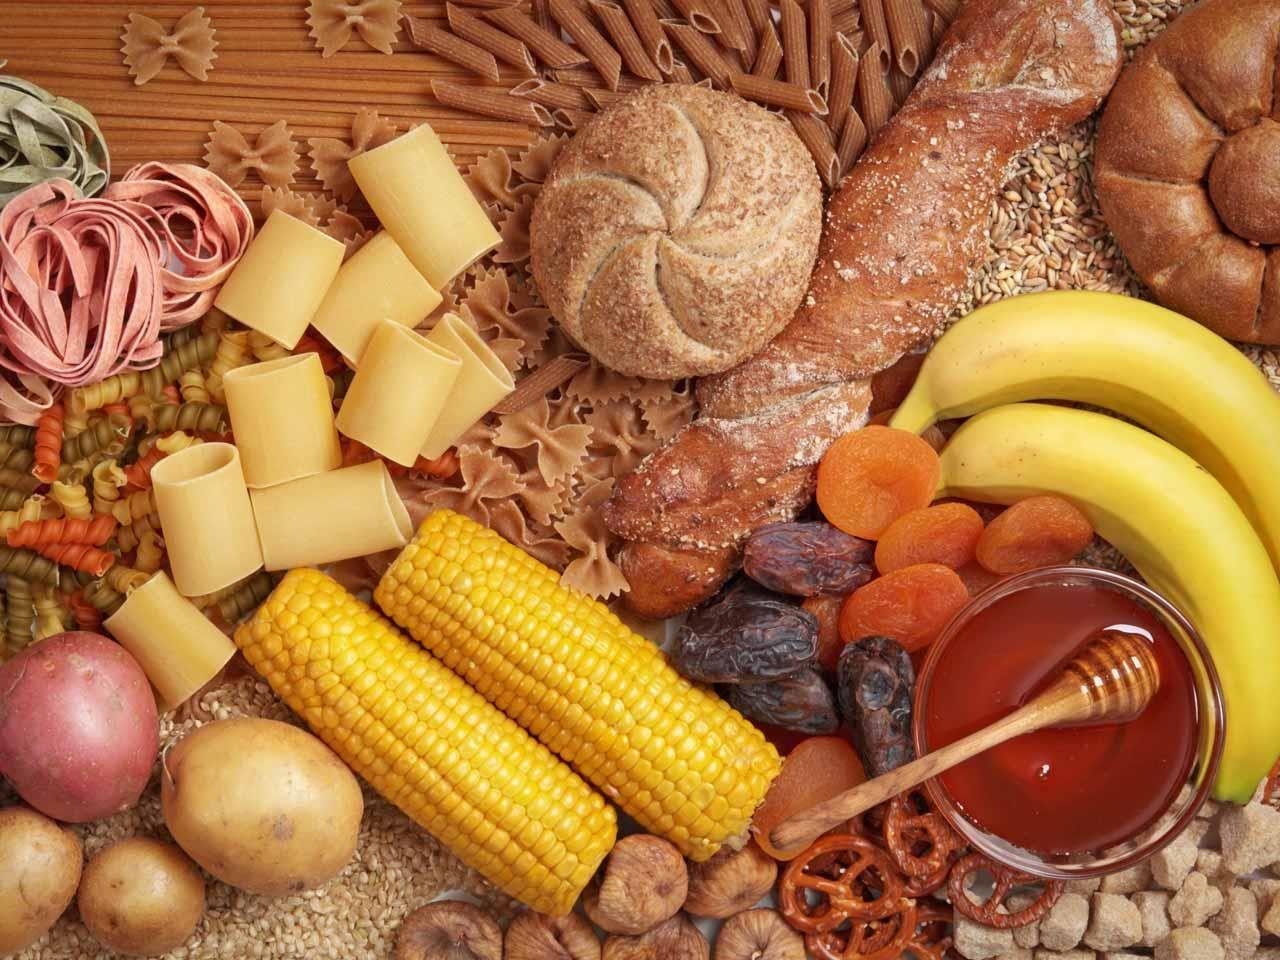 Dieta Dukan A Dieta Que Seca Afina O Quadril E Detona A Celulite